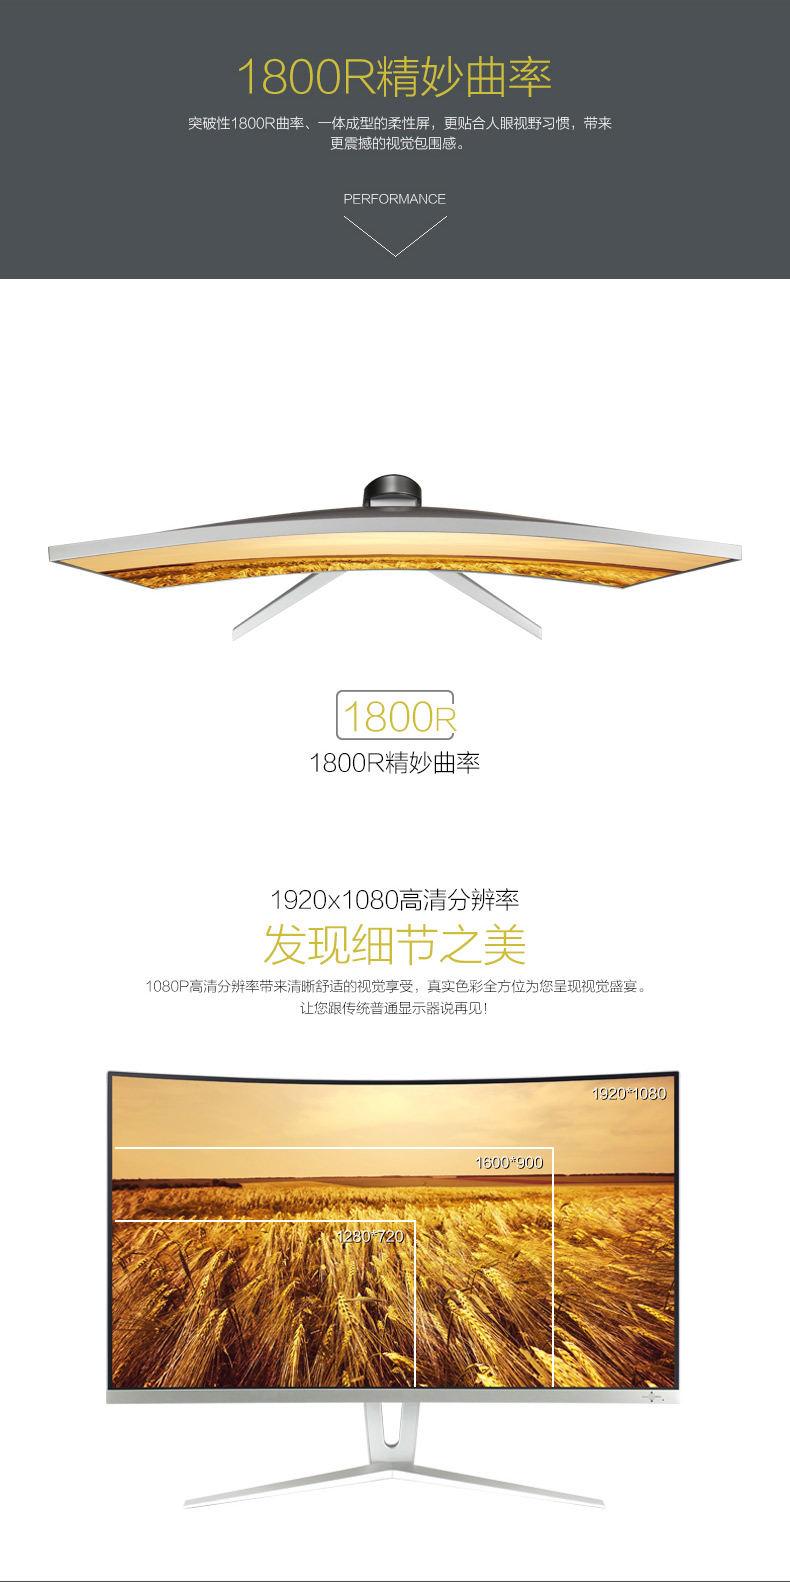 27寸曲面显示器详情-白色-中文_03.jpg